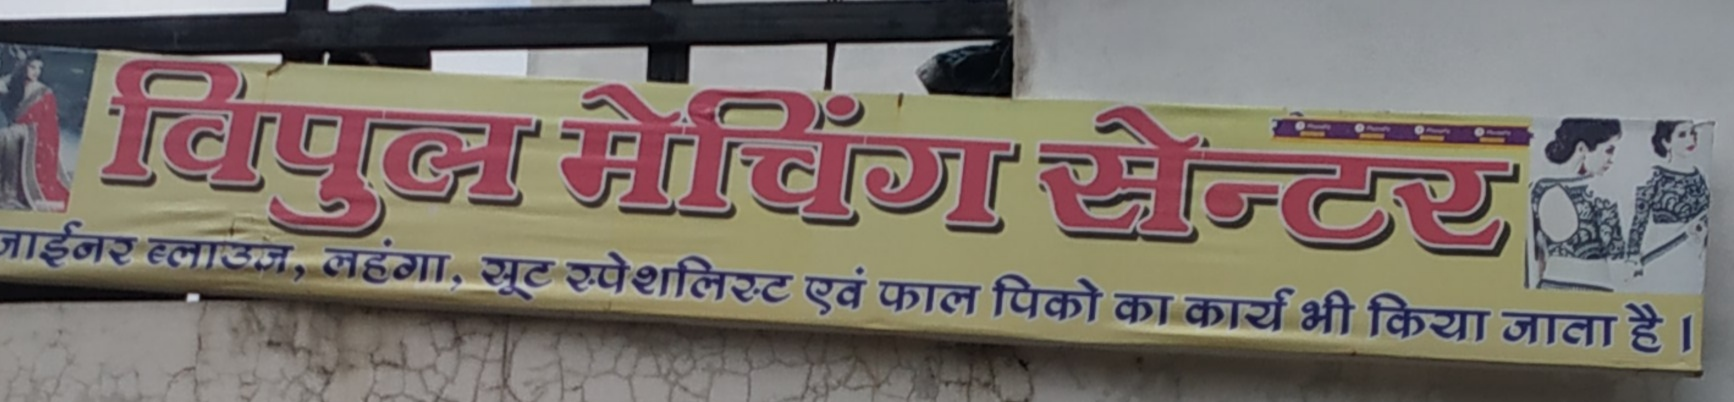 vipul meching center